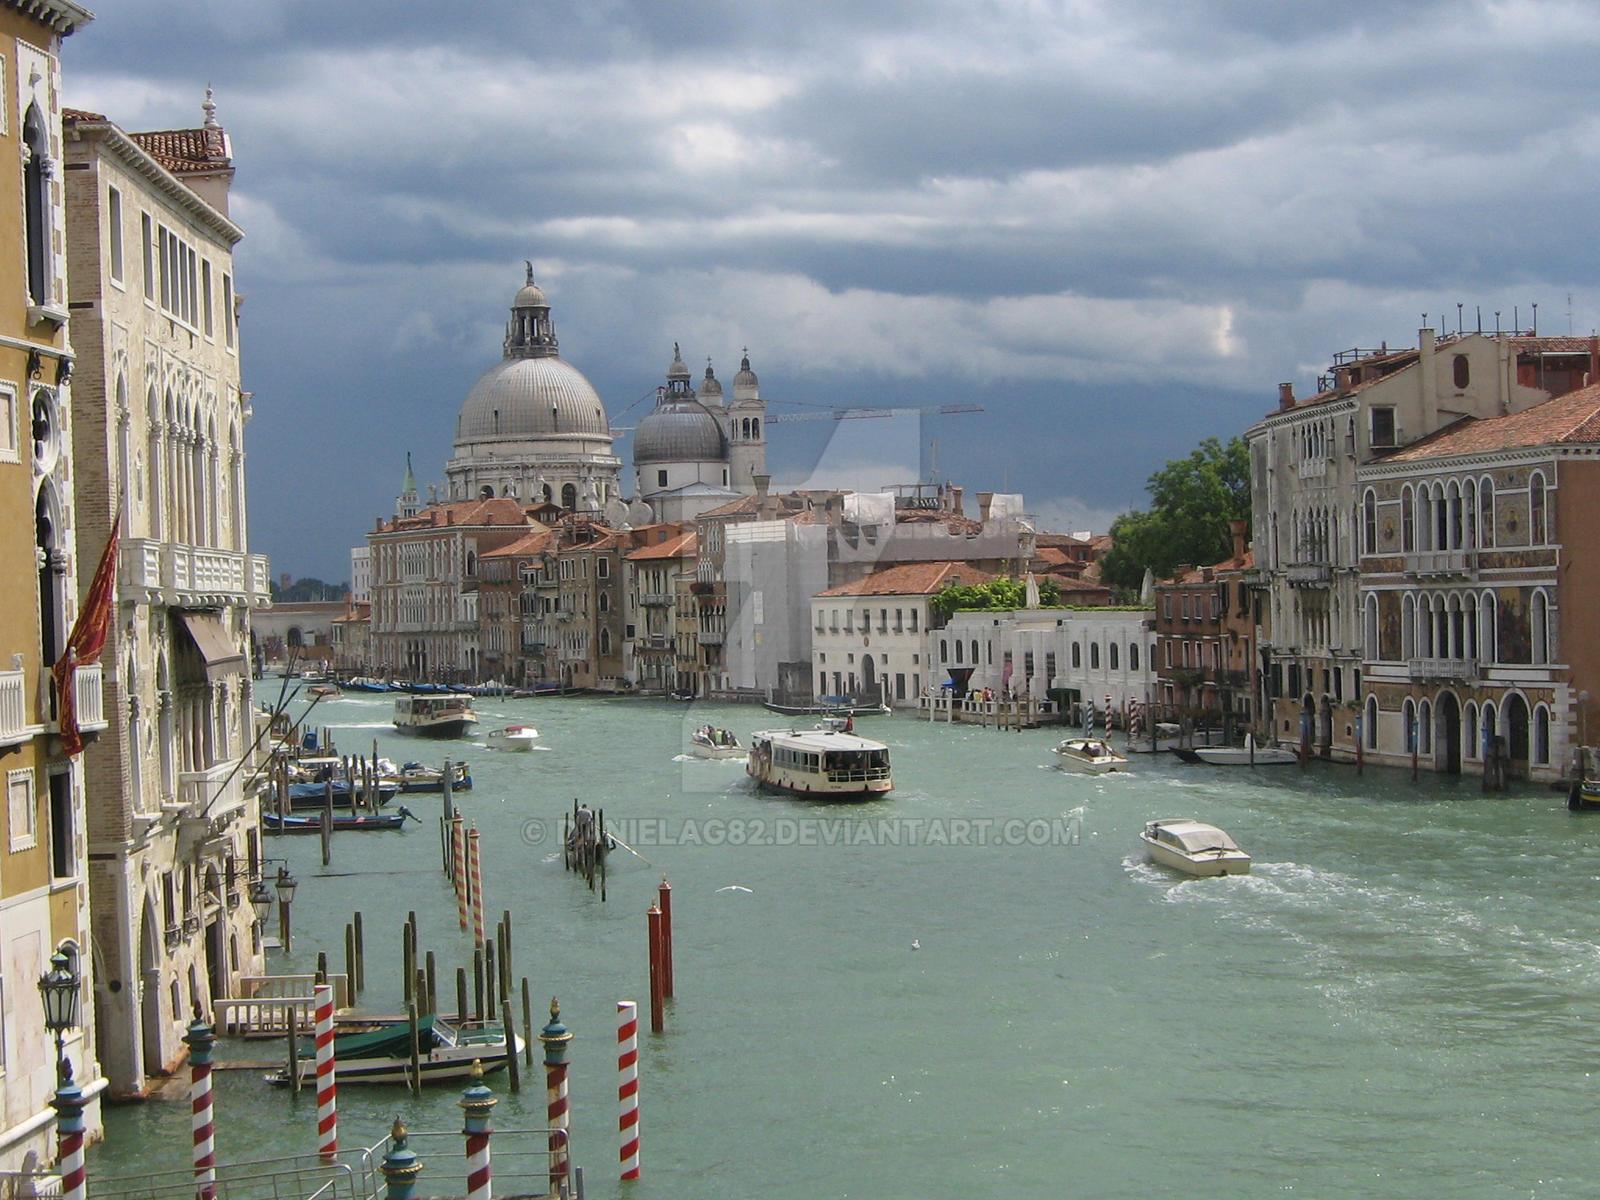 Venetia by danielag82